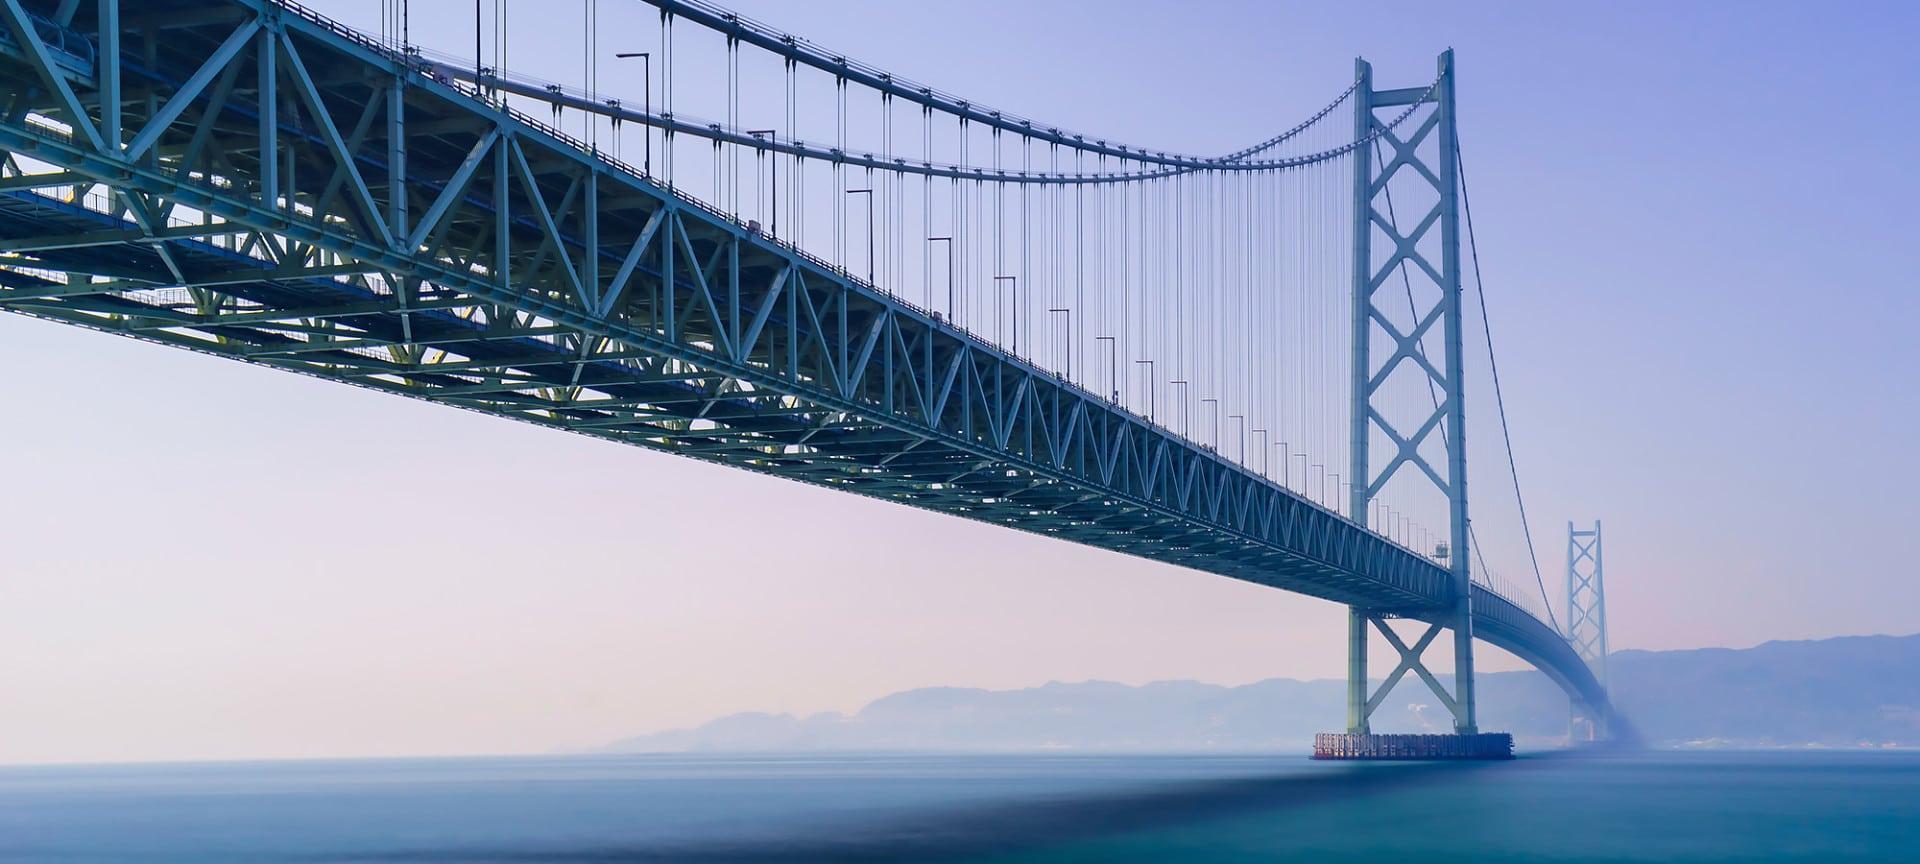 Conheça as pontes mais cumpridas do mundo